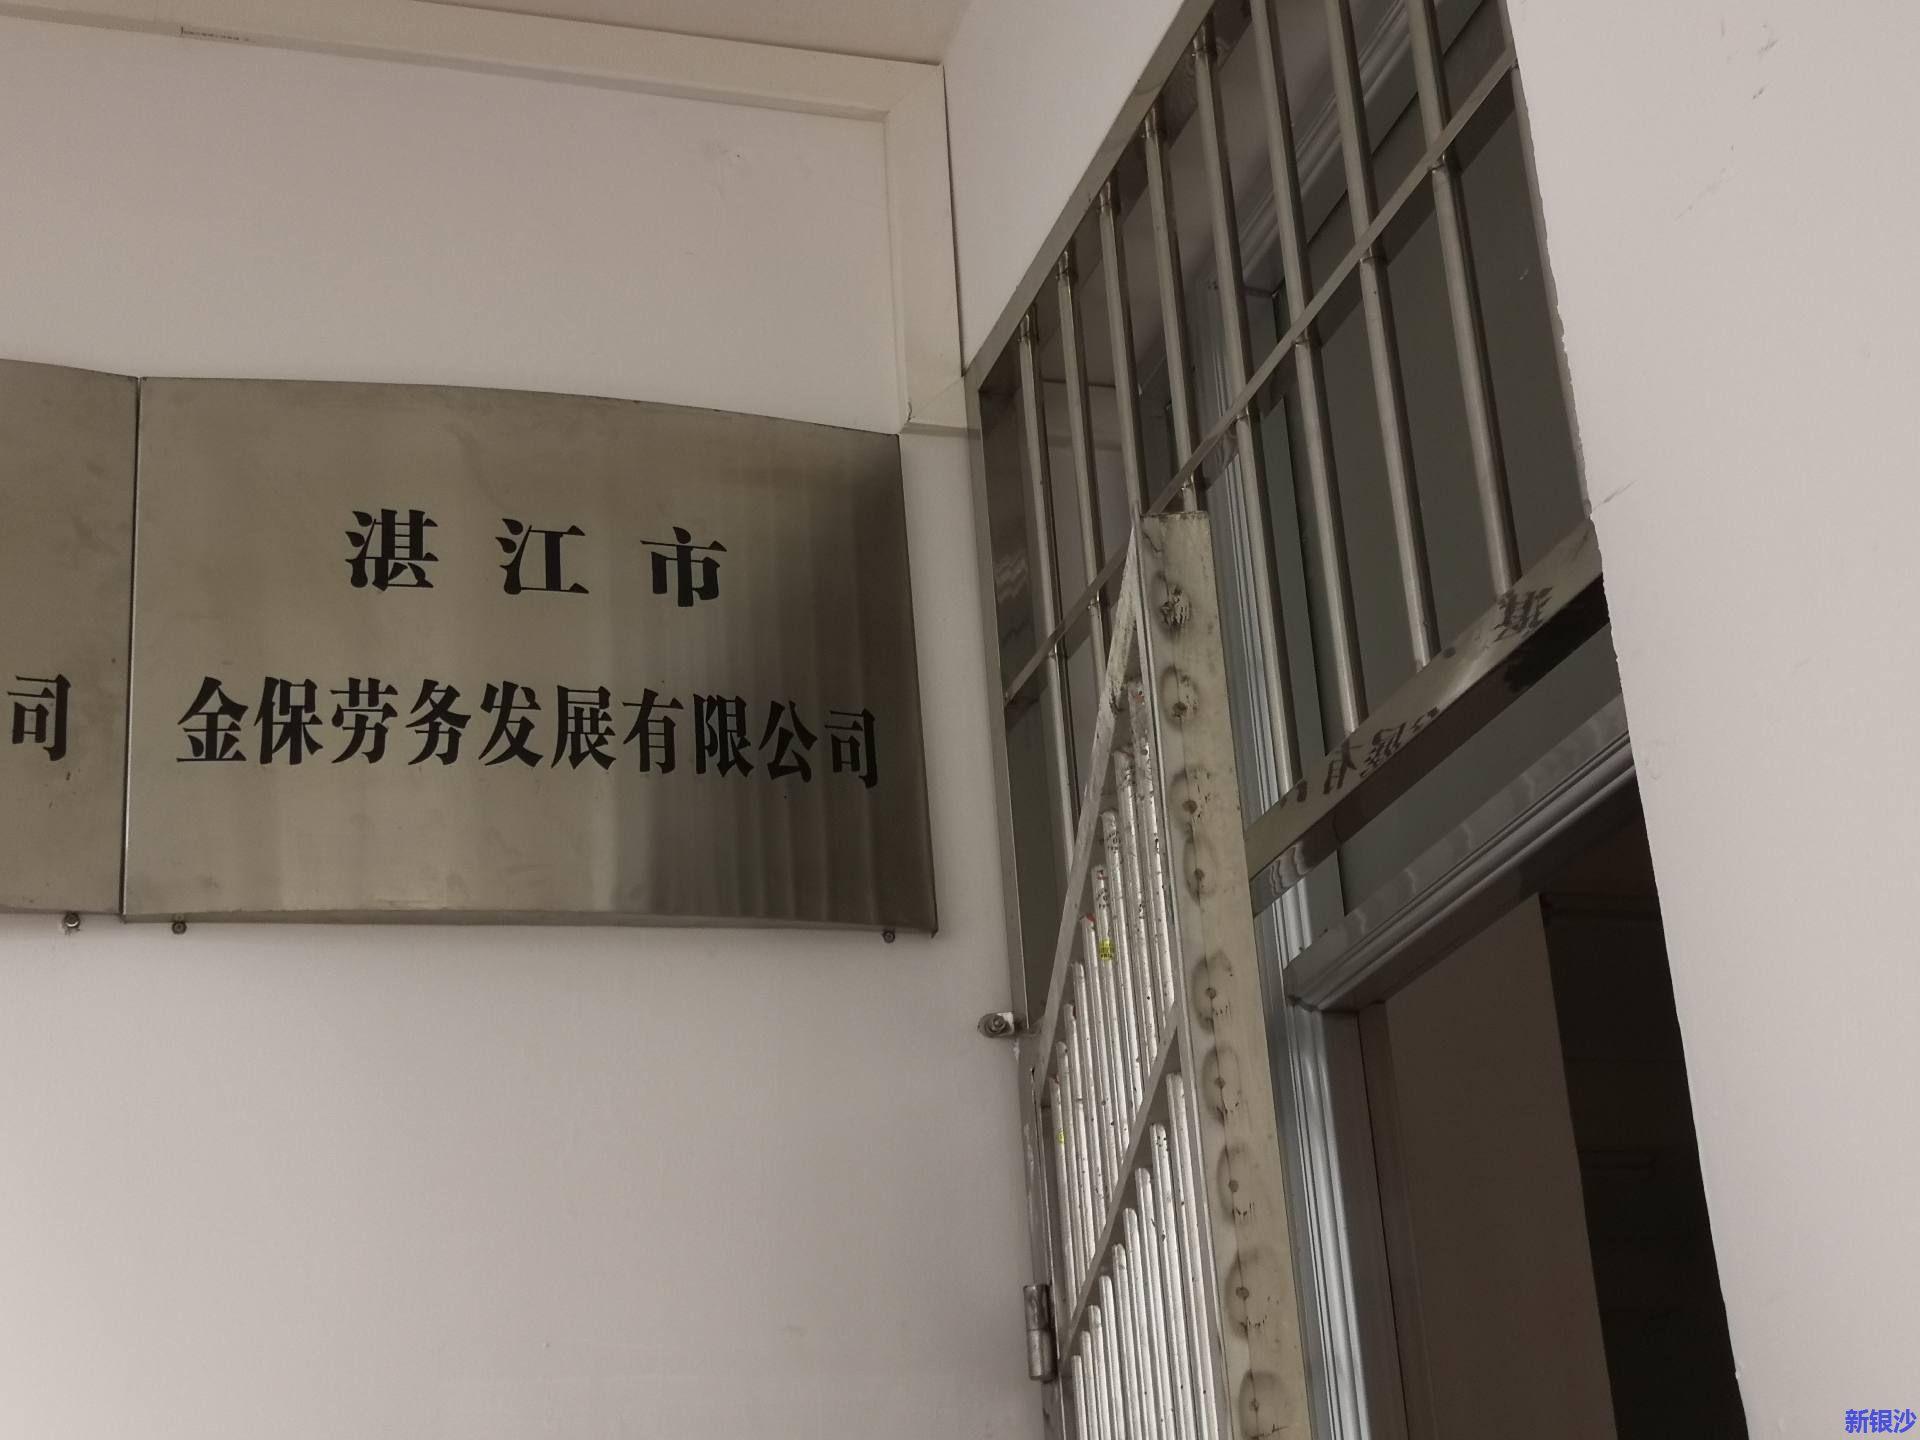 湛江金保劳务发展有限公司